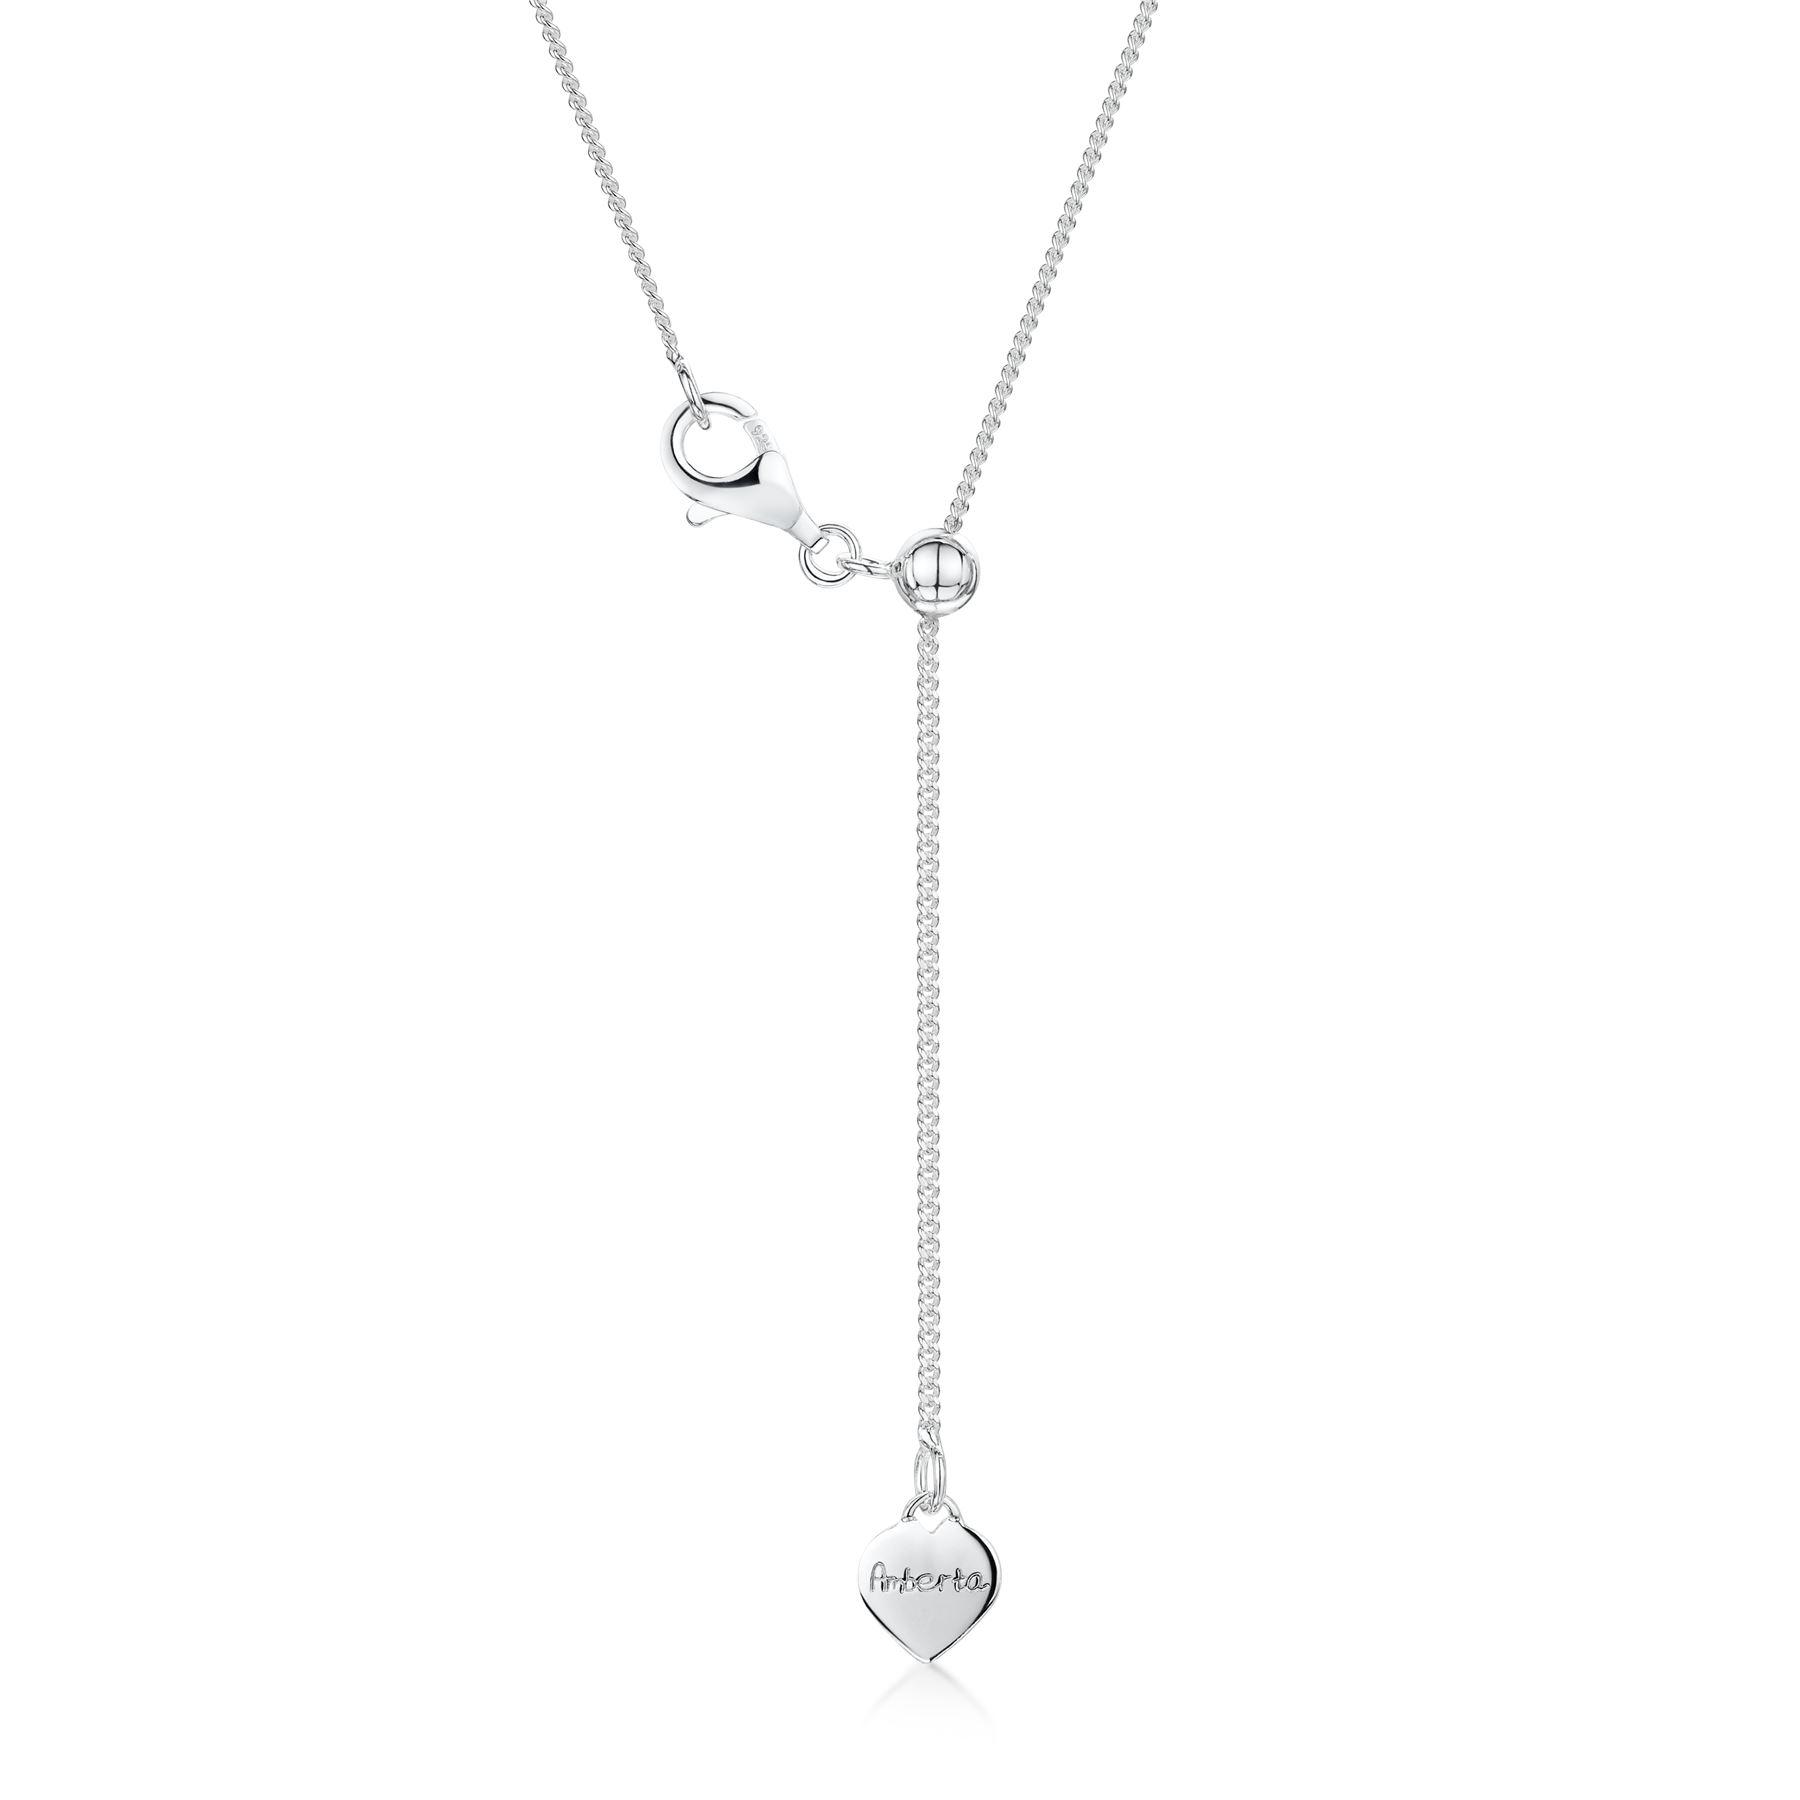 Amberta-Collar-en-Fina-Plata-de-Ley-925-Cadena-de-Corazon-Ajustable-para-Mujer miniatura 15